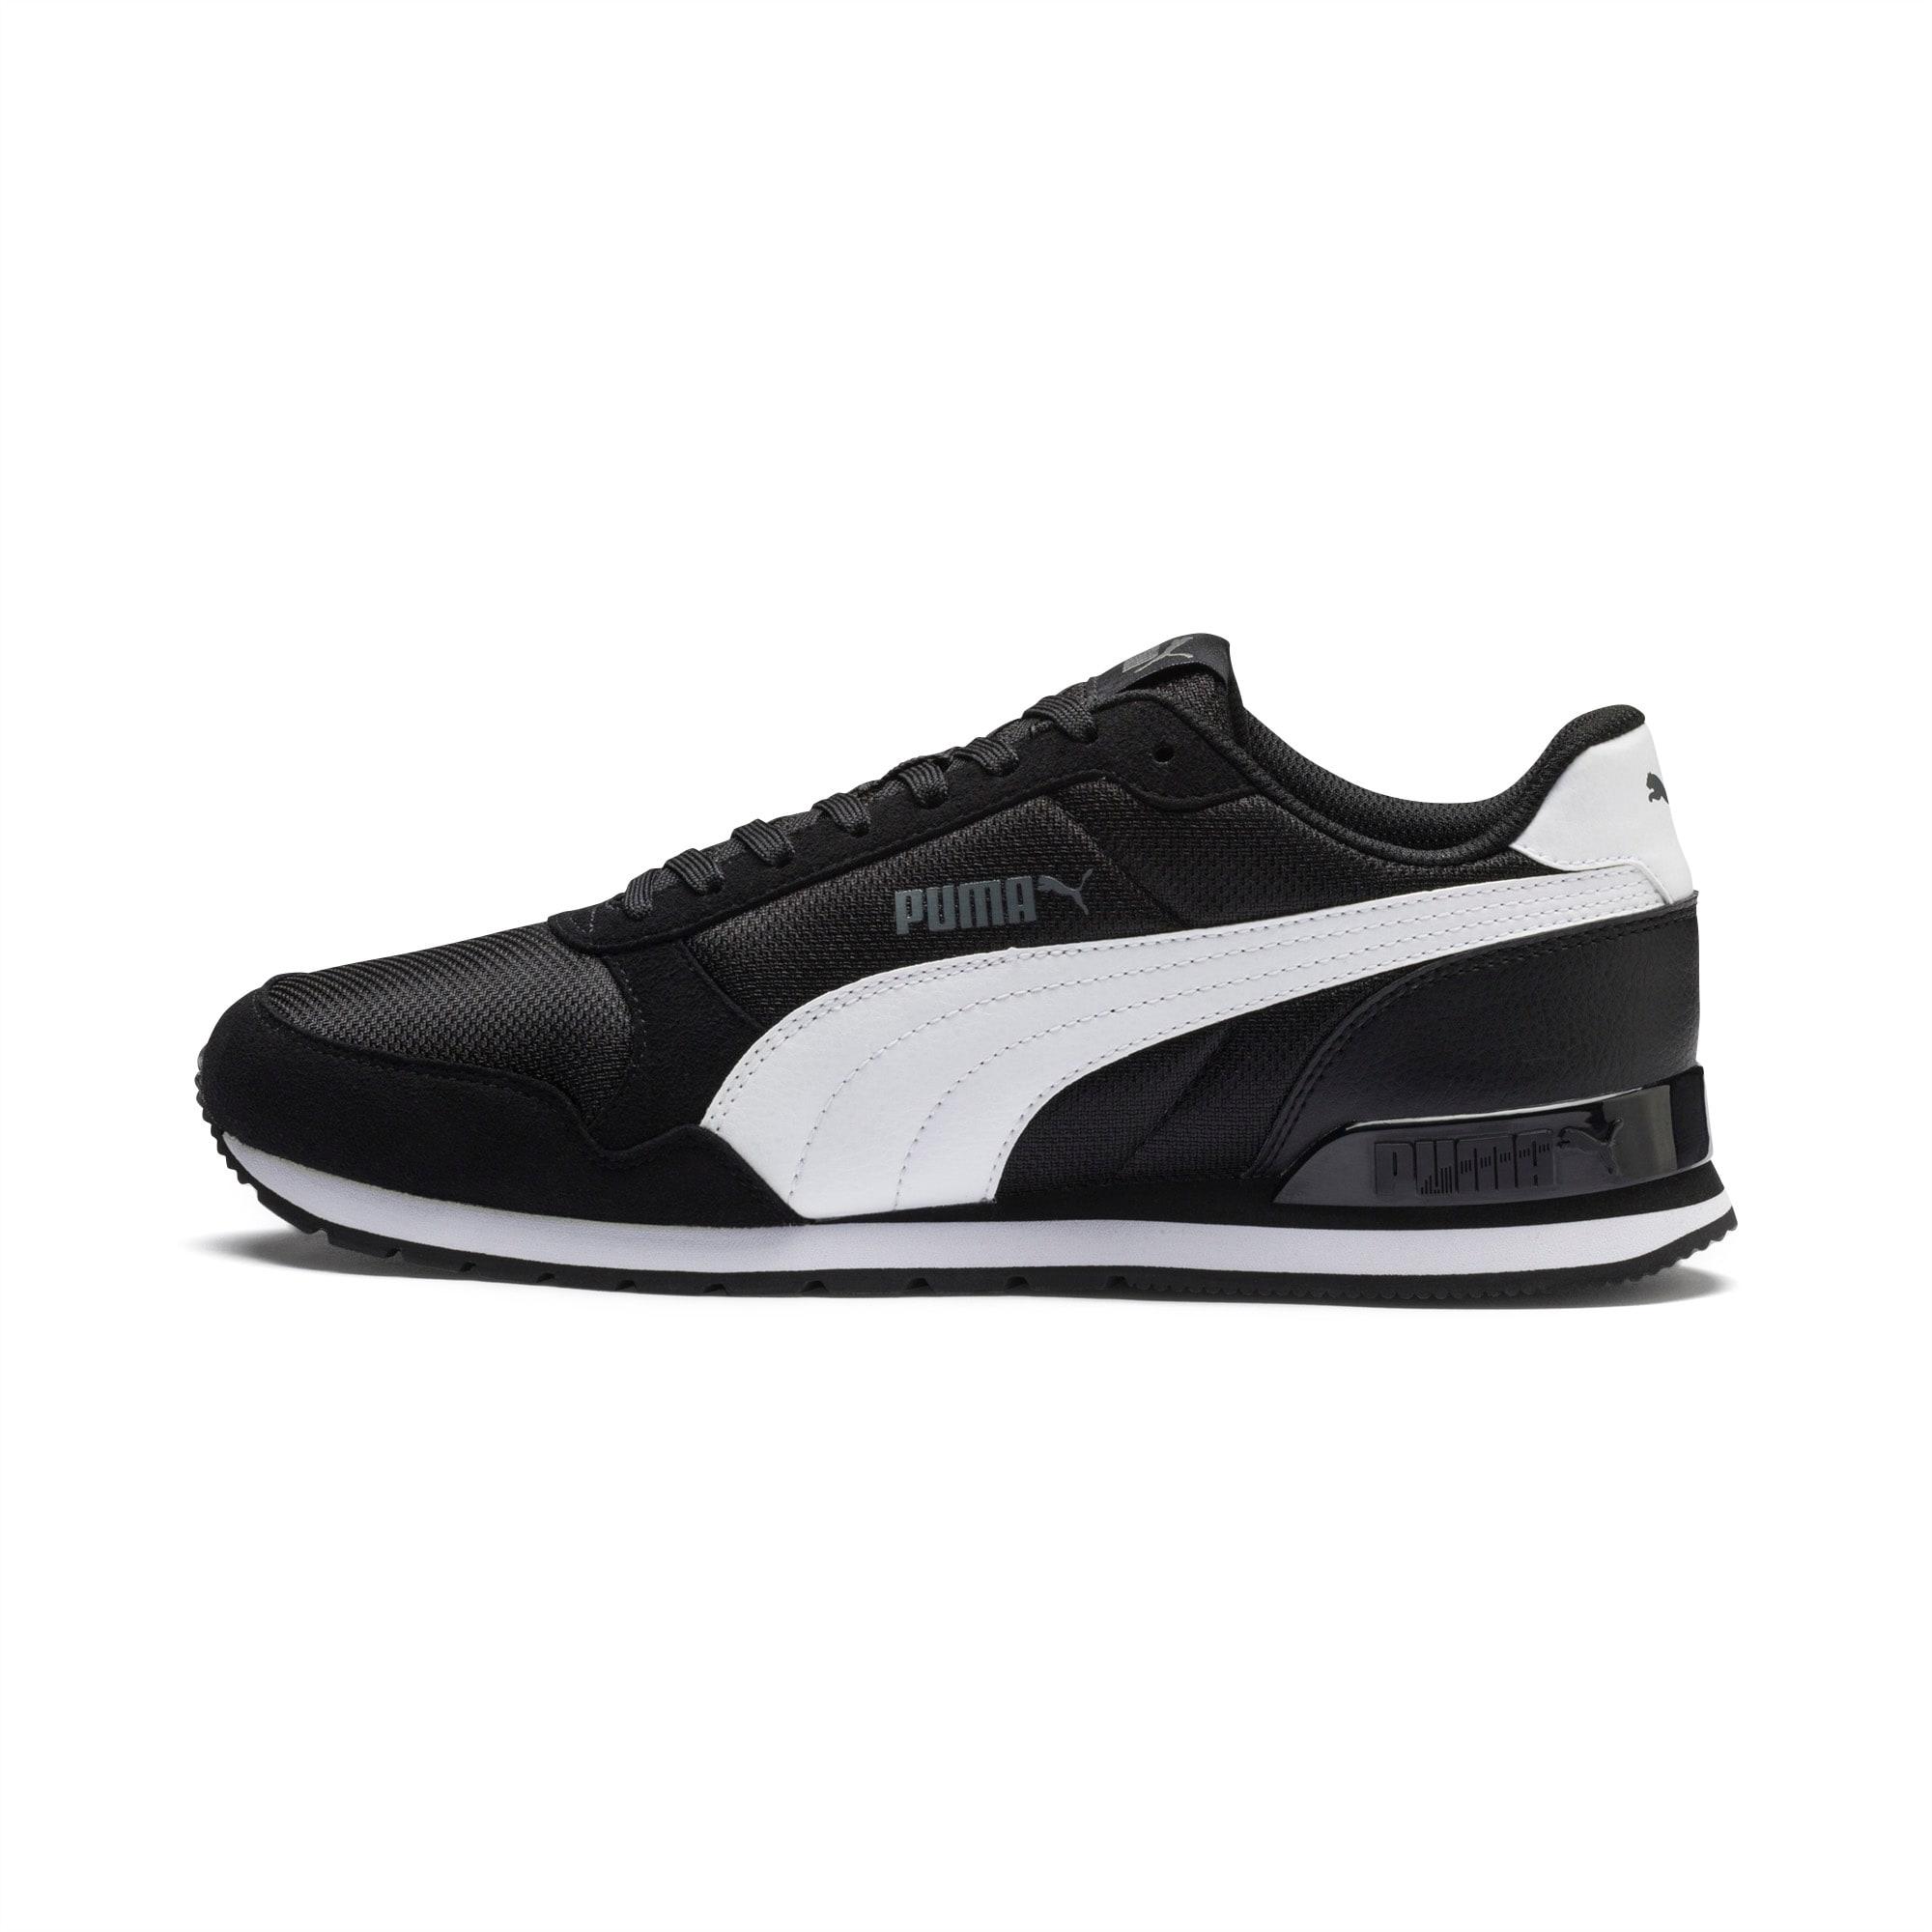 ST Runner v2 Mesh Men's Sneakers